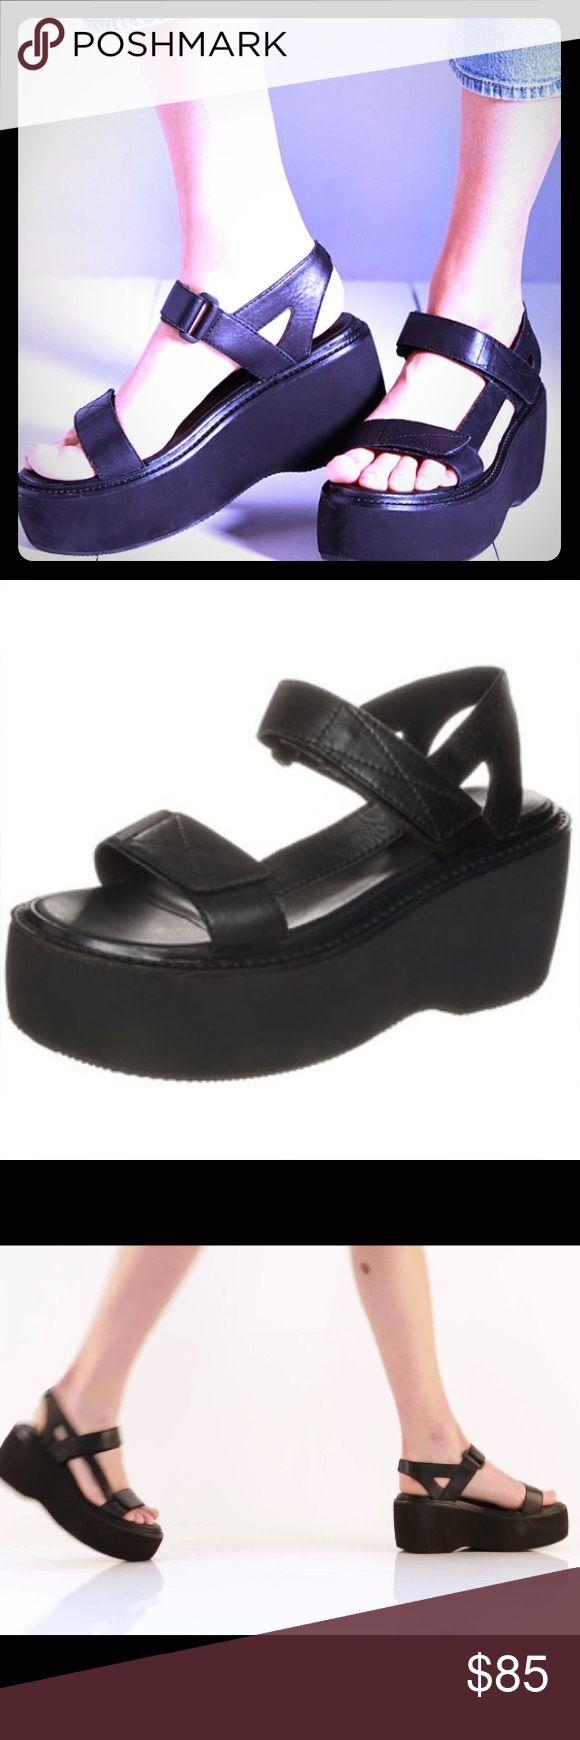 1000 Ideas About Vagabond Shoes On Pinterest Sandals